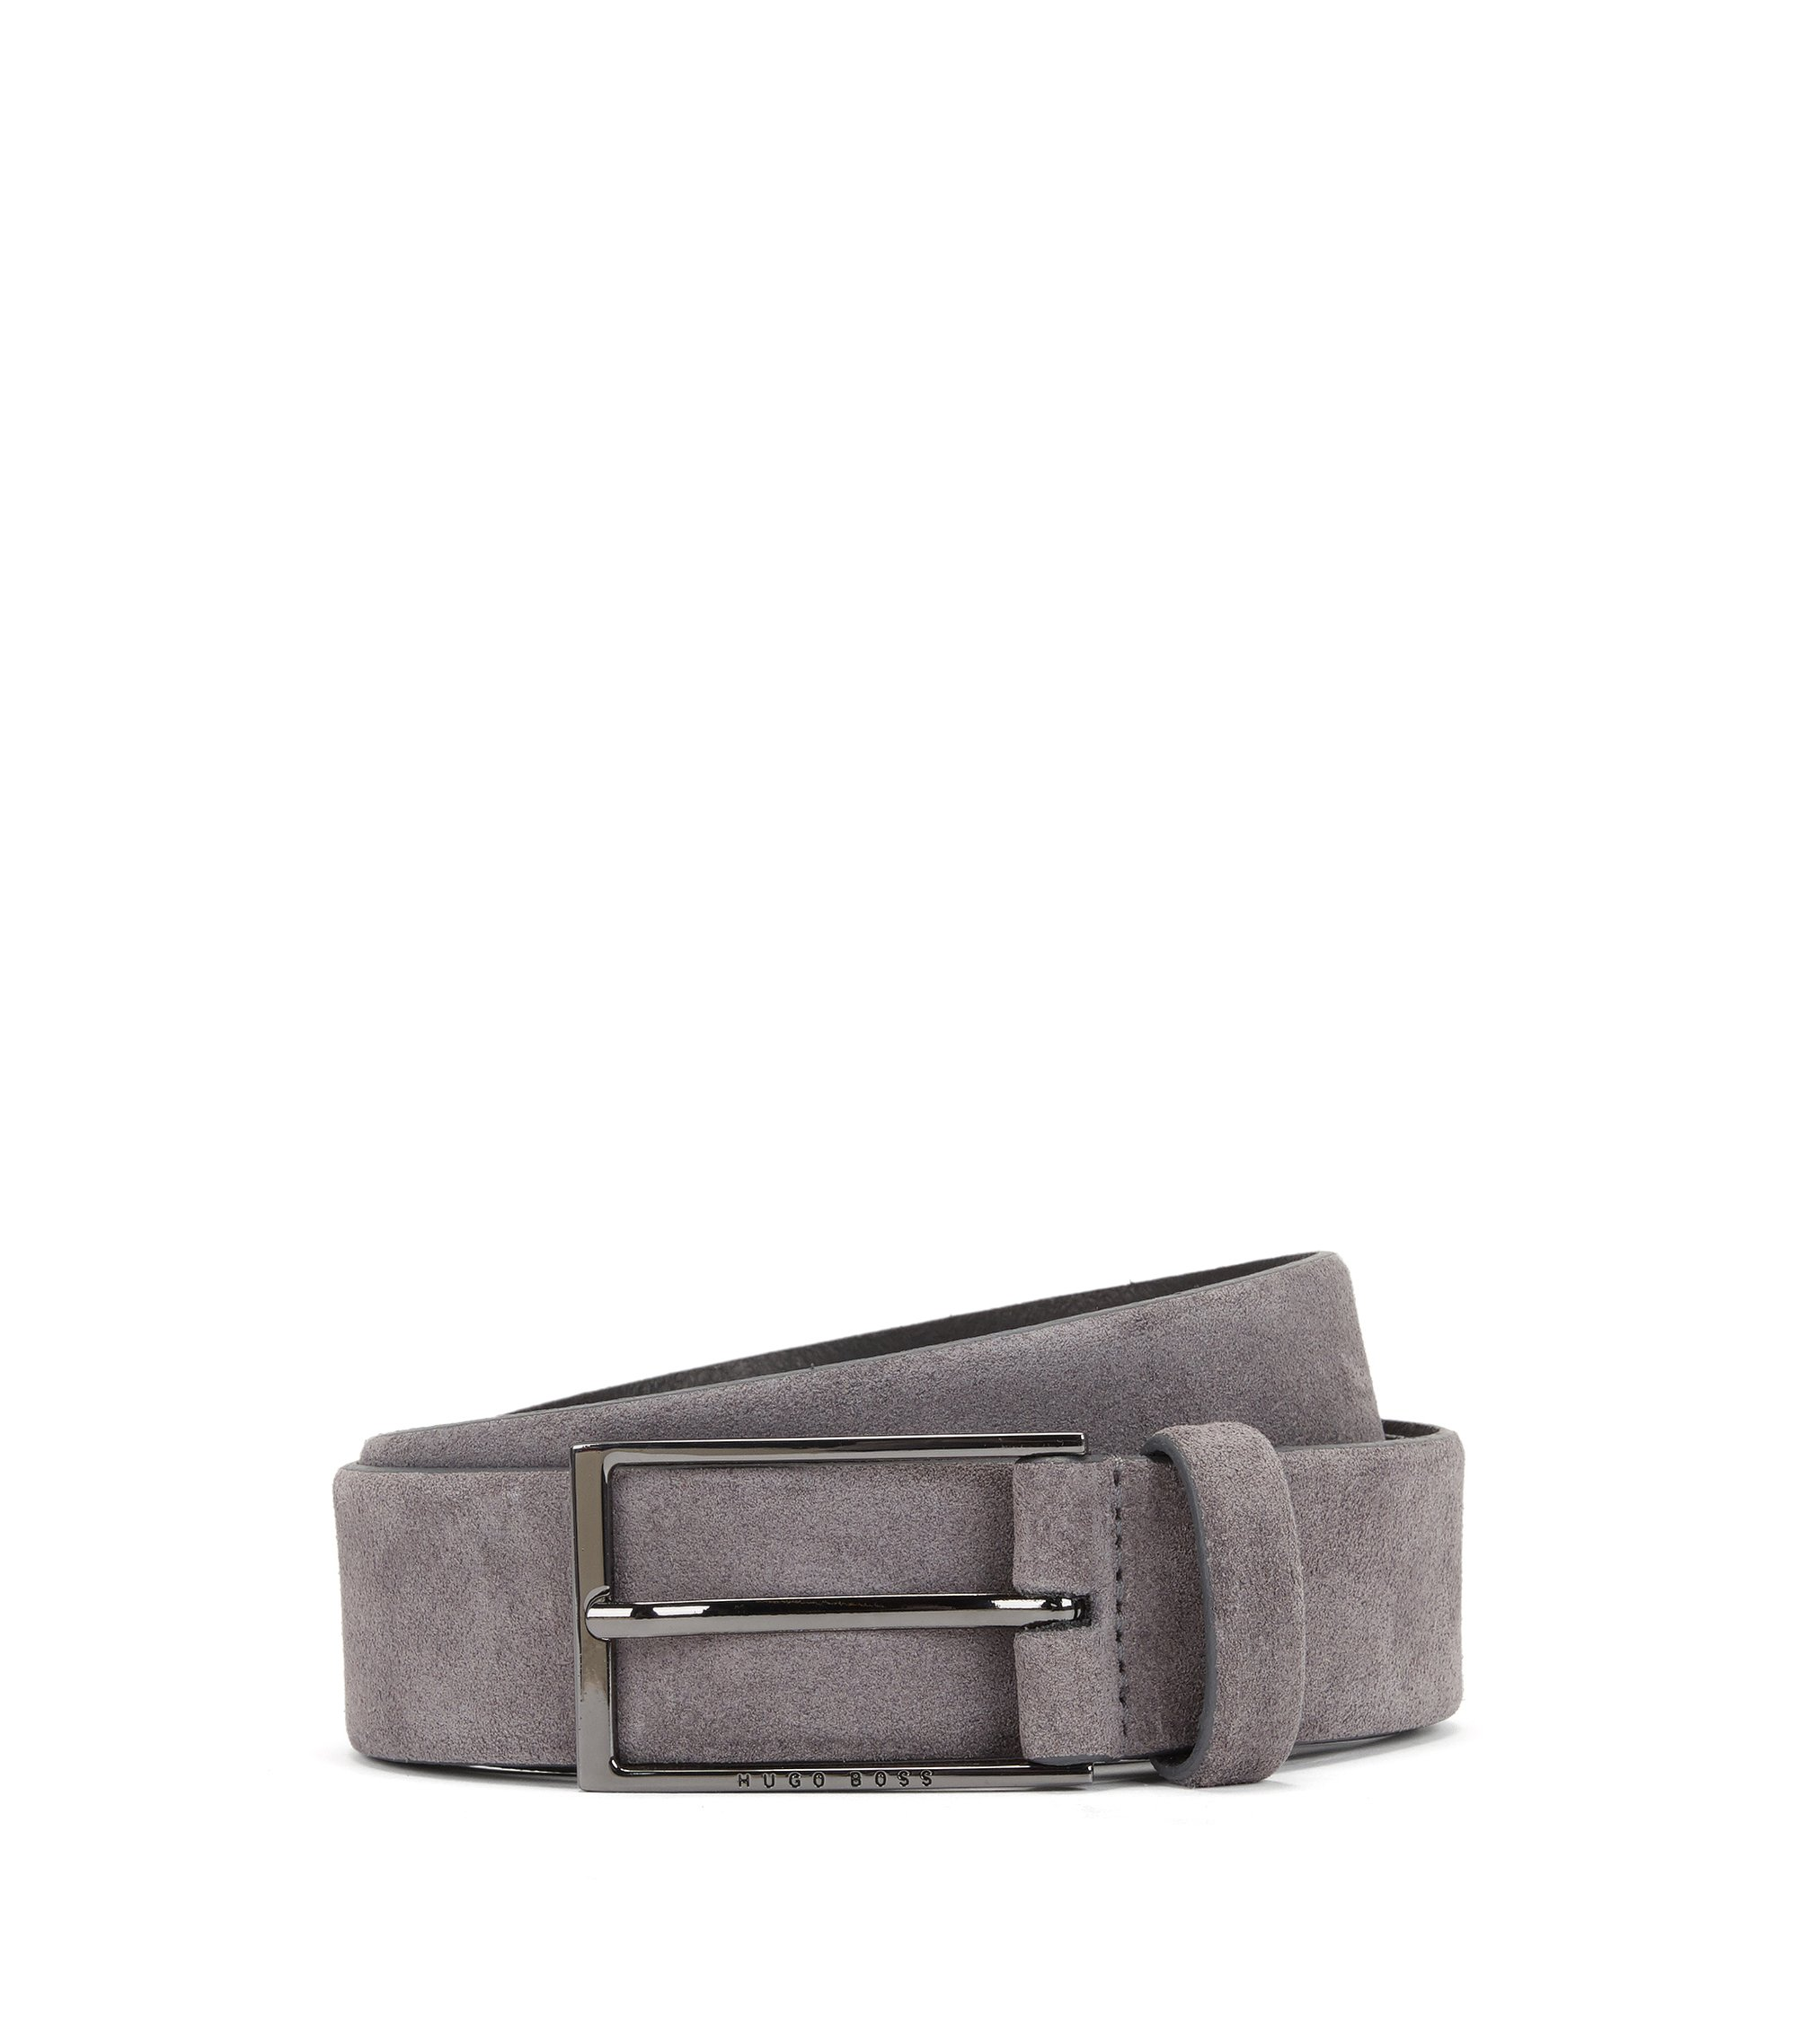 Cinturón de suave ante con hebilla pulida de metal pesado, Gris oscuro